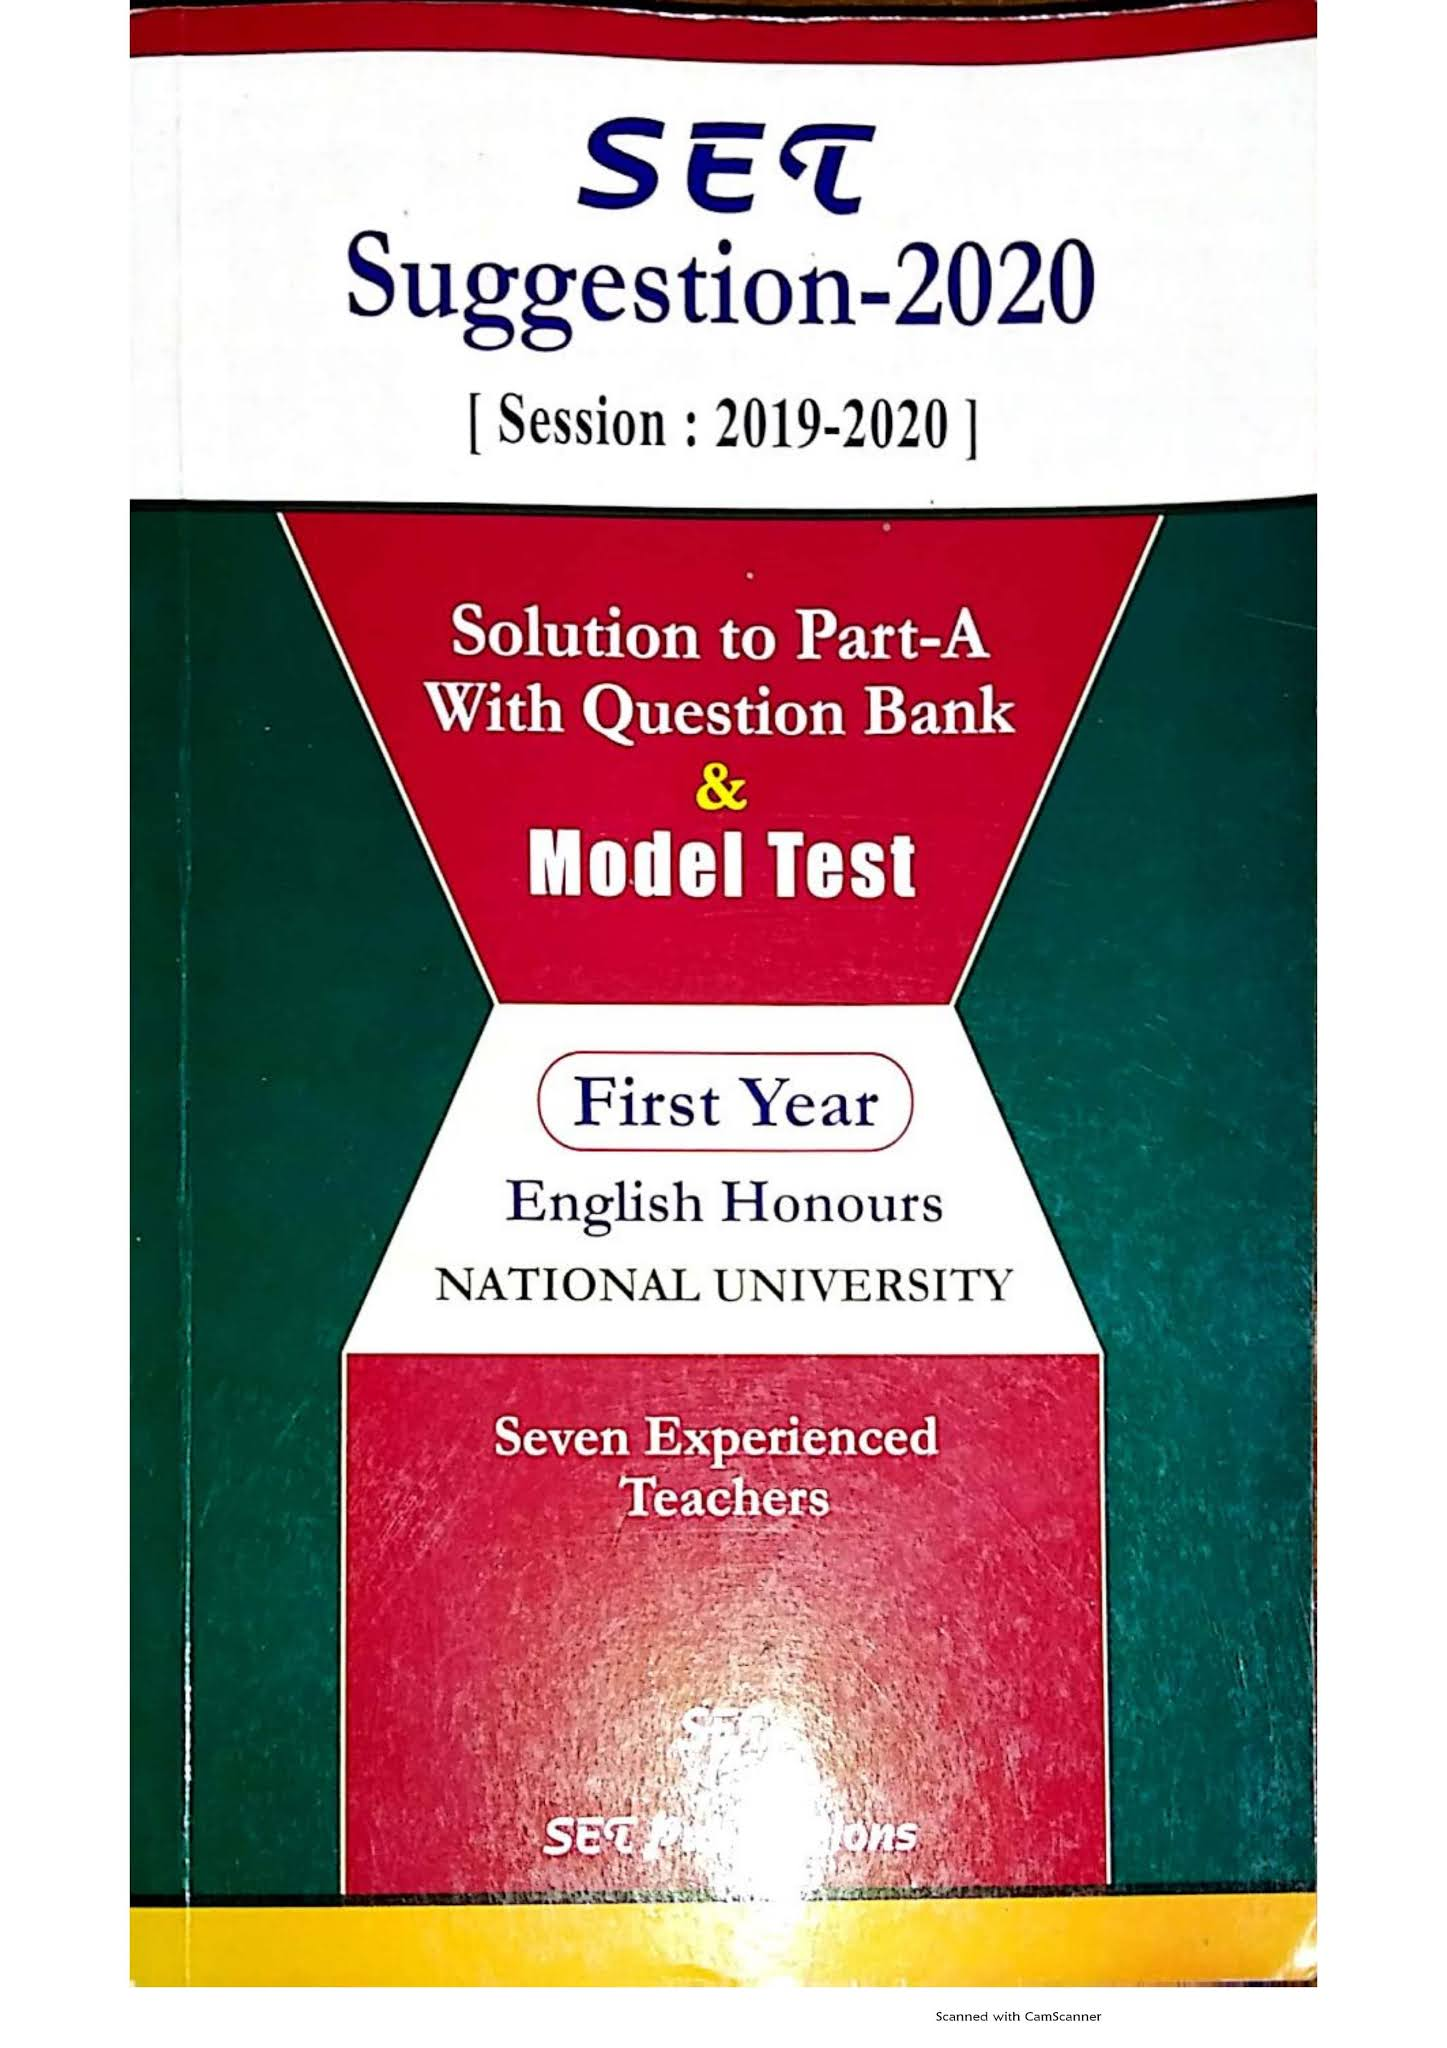 অনার্স ১ম বর্ষ সেট সাজেশন ২০২০ PDF |Set suggestion 2020 1st year pdf